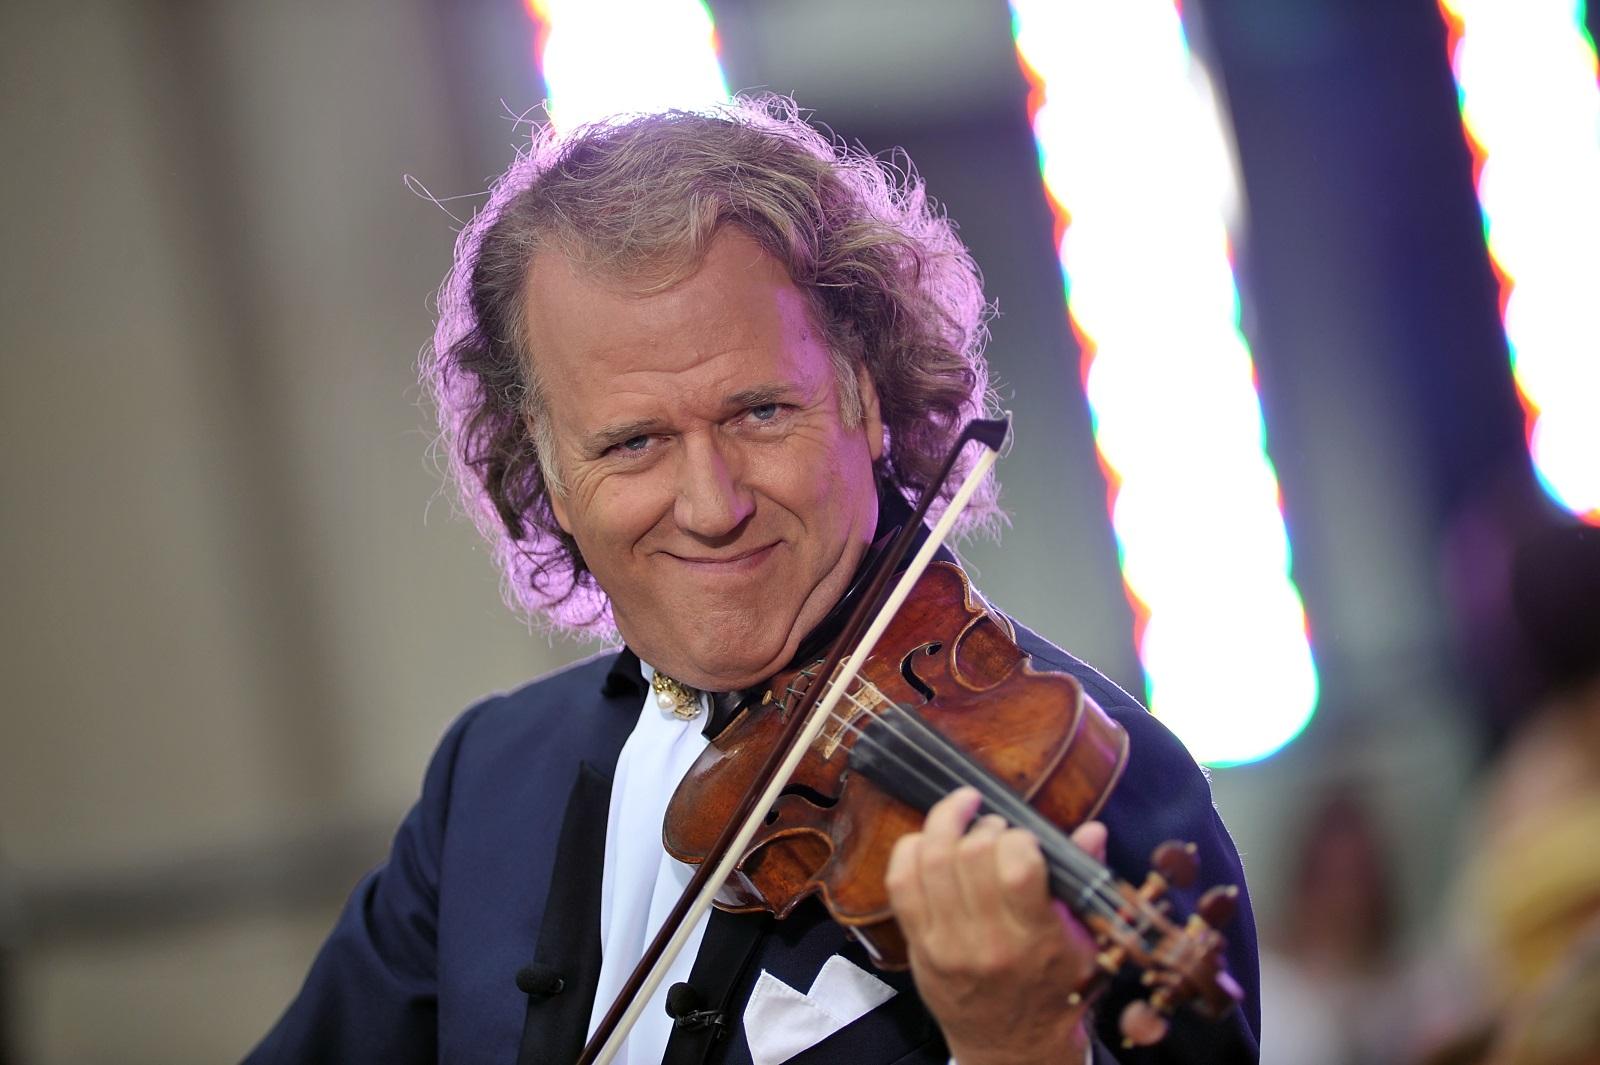 """Притежава уникална цигулка -Андре свири на емблематична цигулка Stradivarius на стойност няколко милиона евро, която винаги държи със себе си. Цигулката е създадена през 1667 г. и е почитана заради ненадминатия си звук. На въпроса дали спи с инструмента си той каза: """"Не, спя с жена си, но цигулката е между нас."""""""